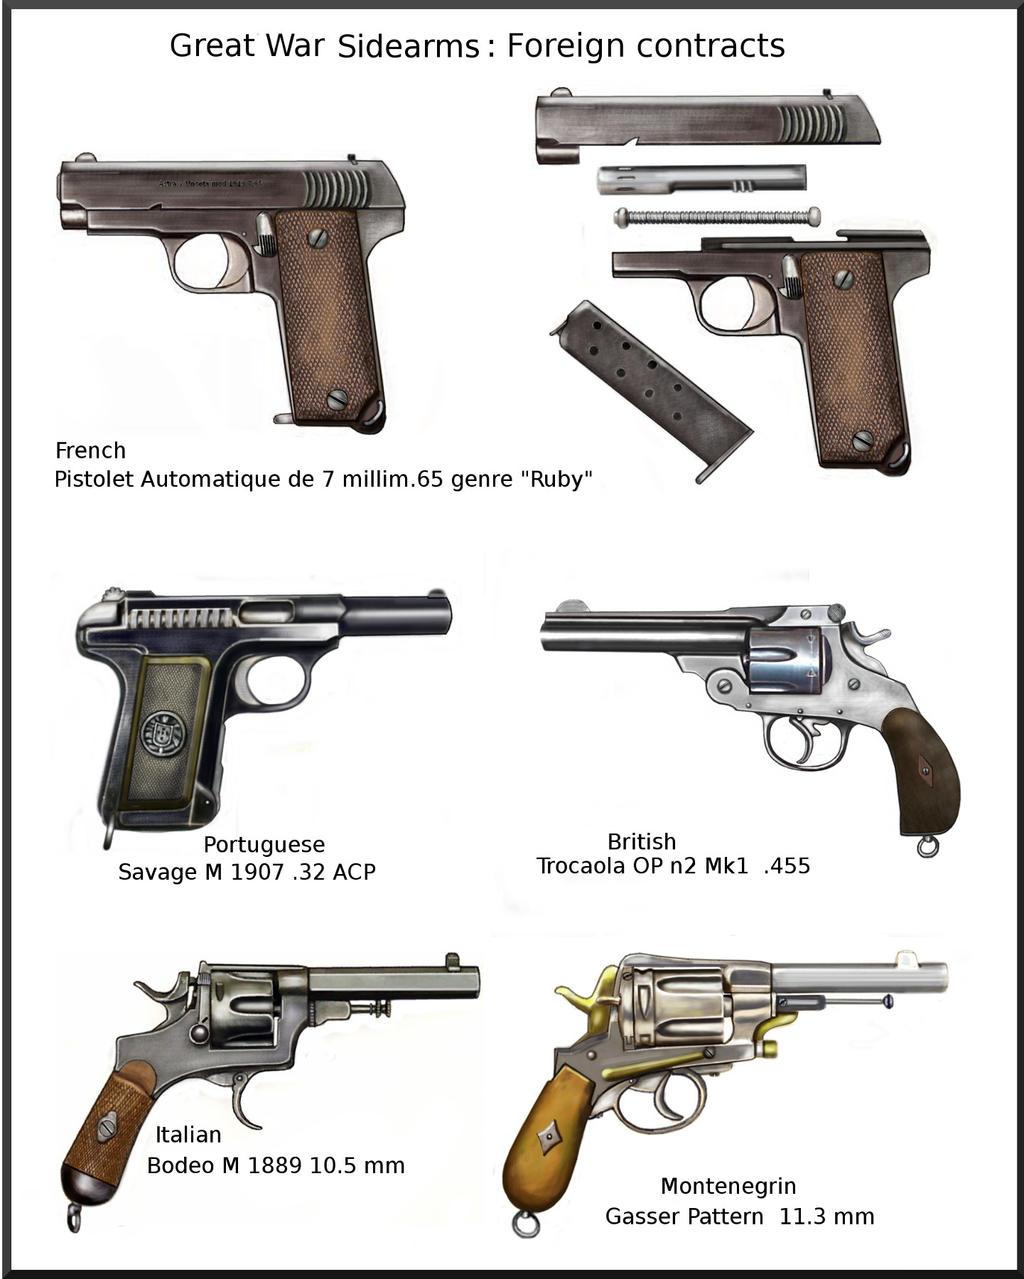 ww1 sidearm by AndreaSilva60 on DeviantArt